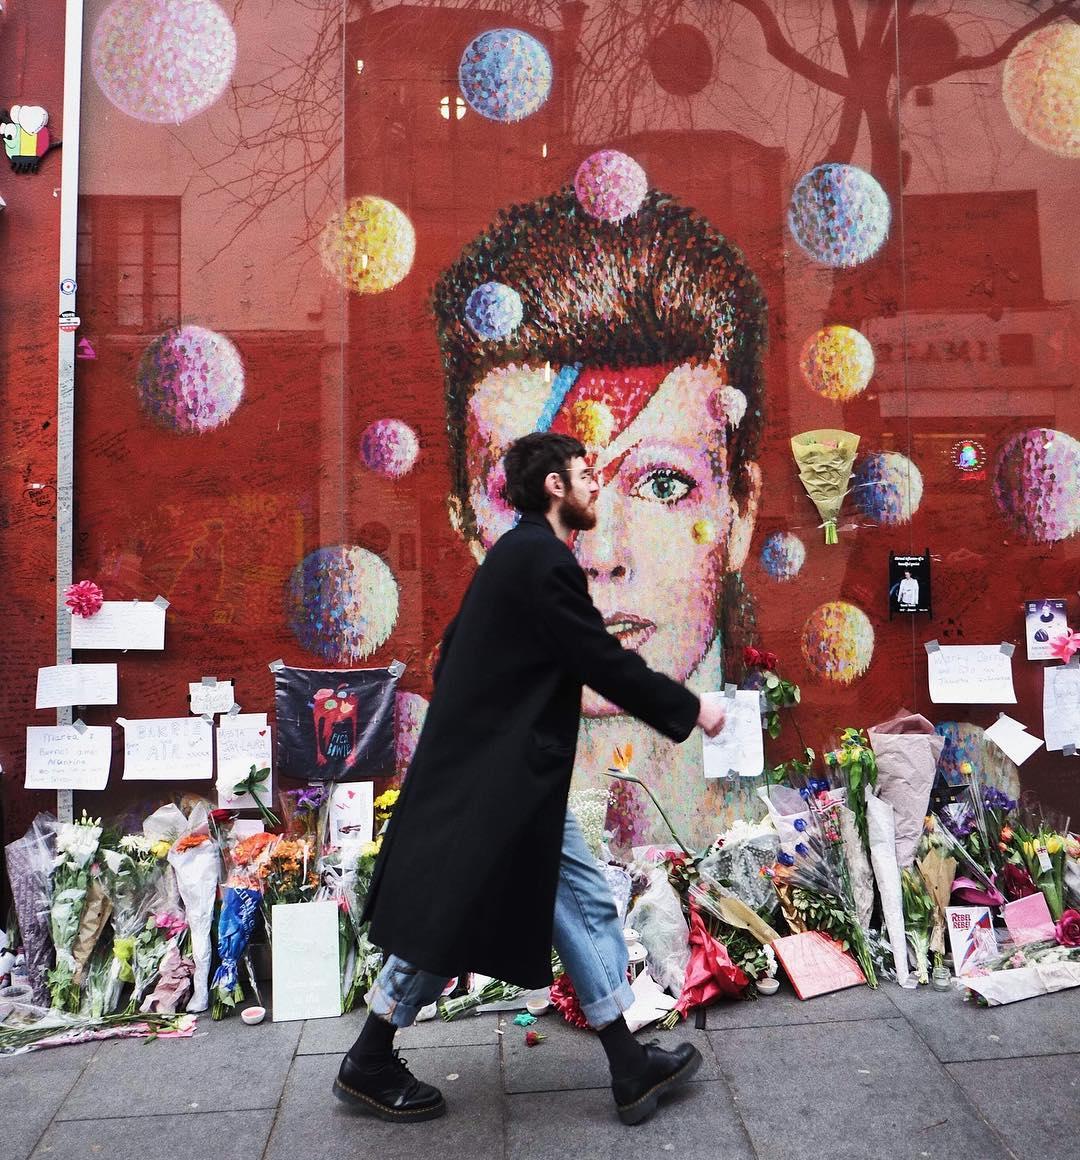 où dormir a londres - David Bowie memorial